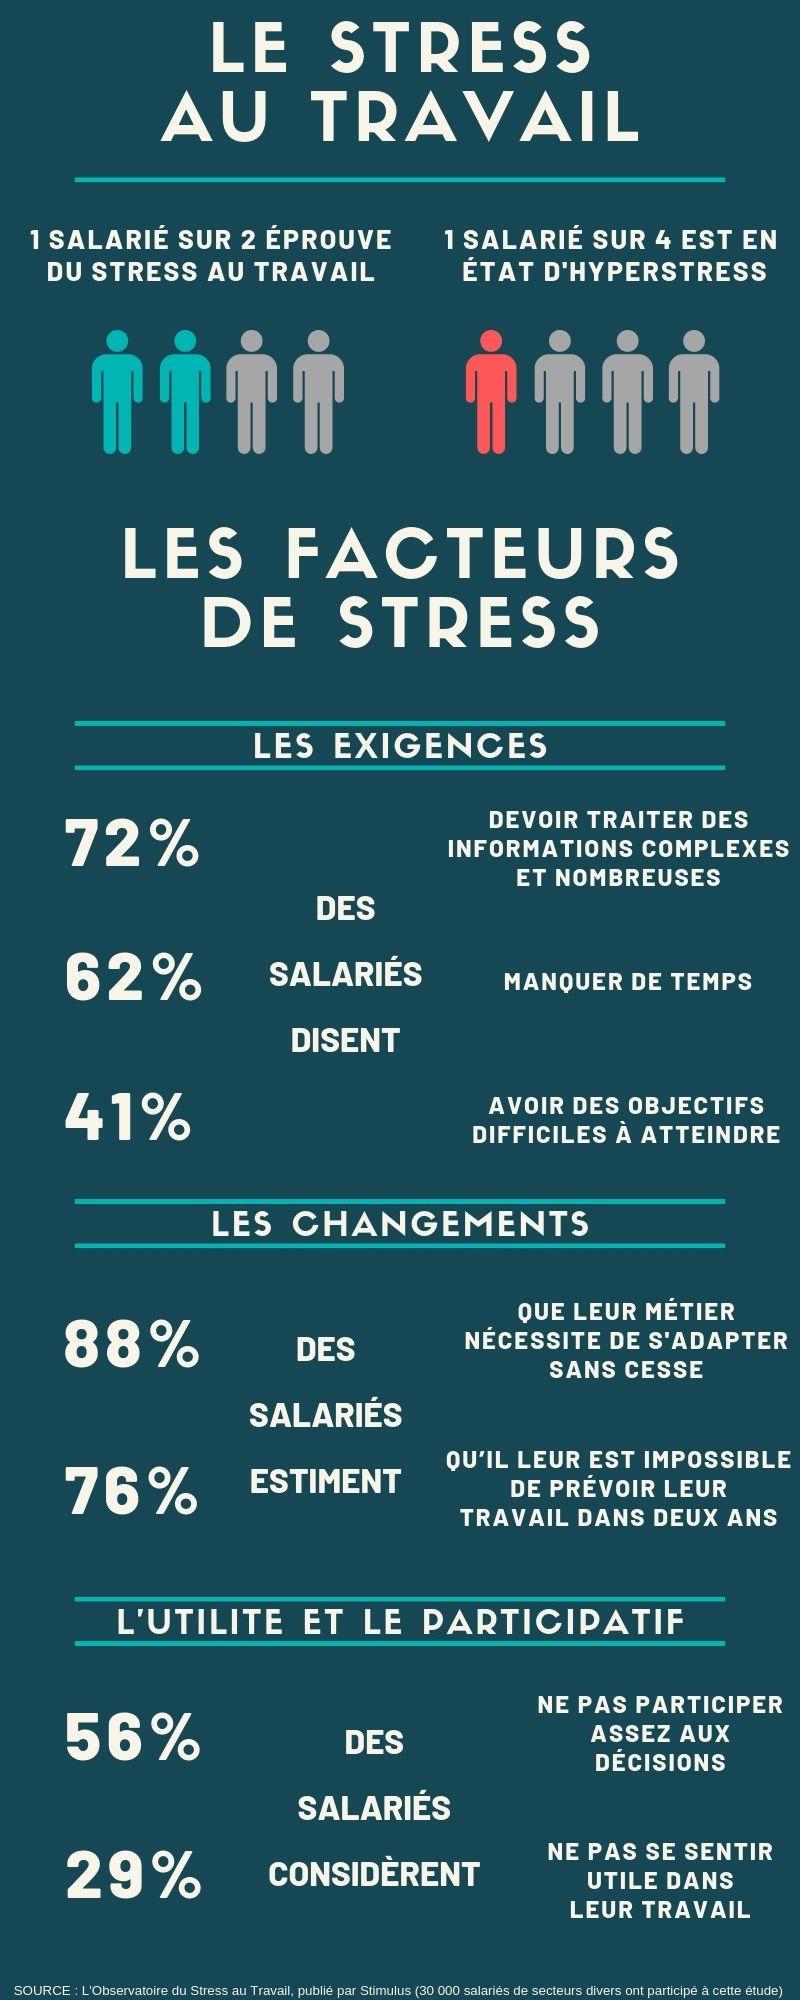 Infographie sur le Stress au travail